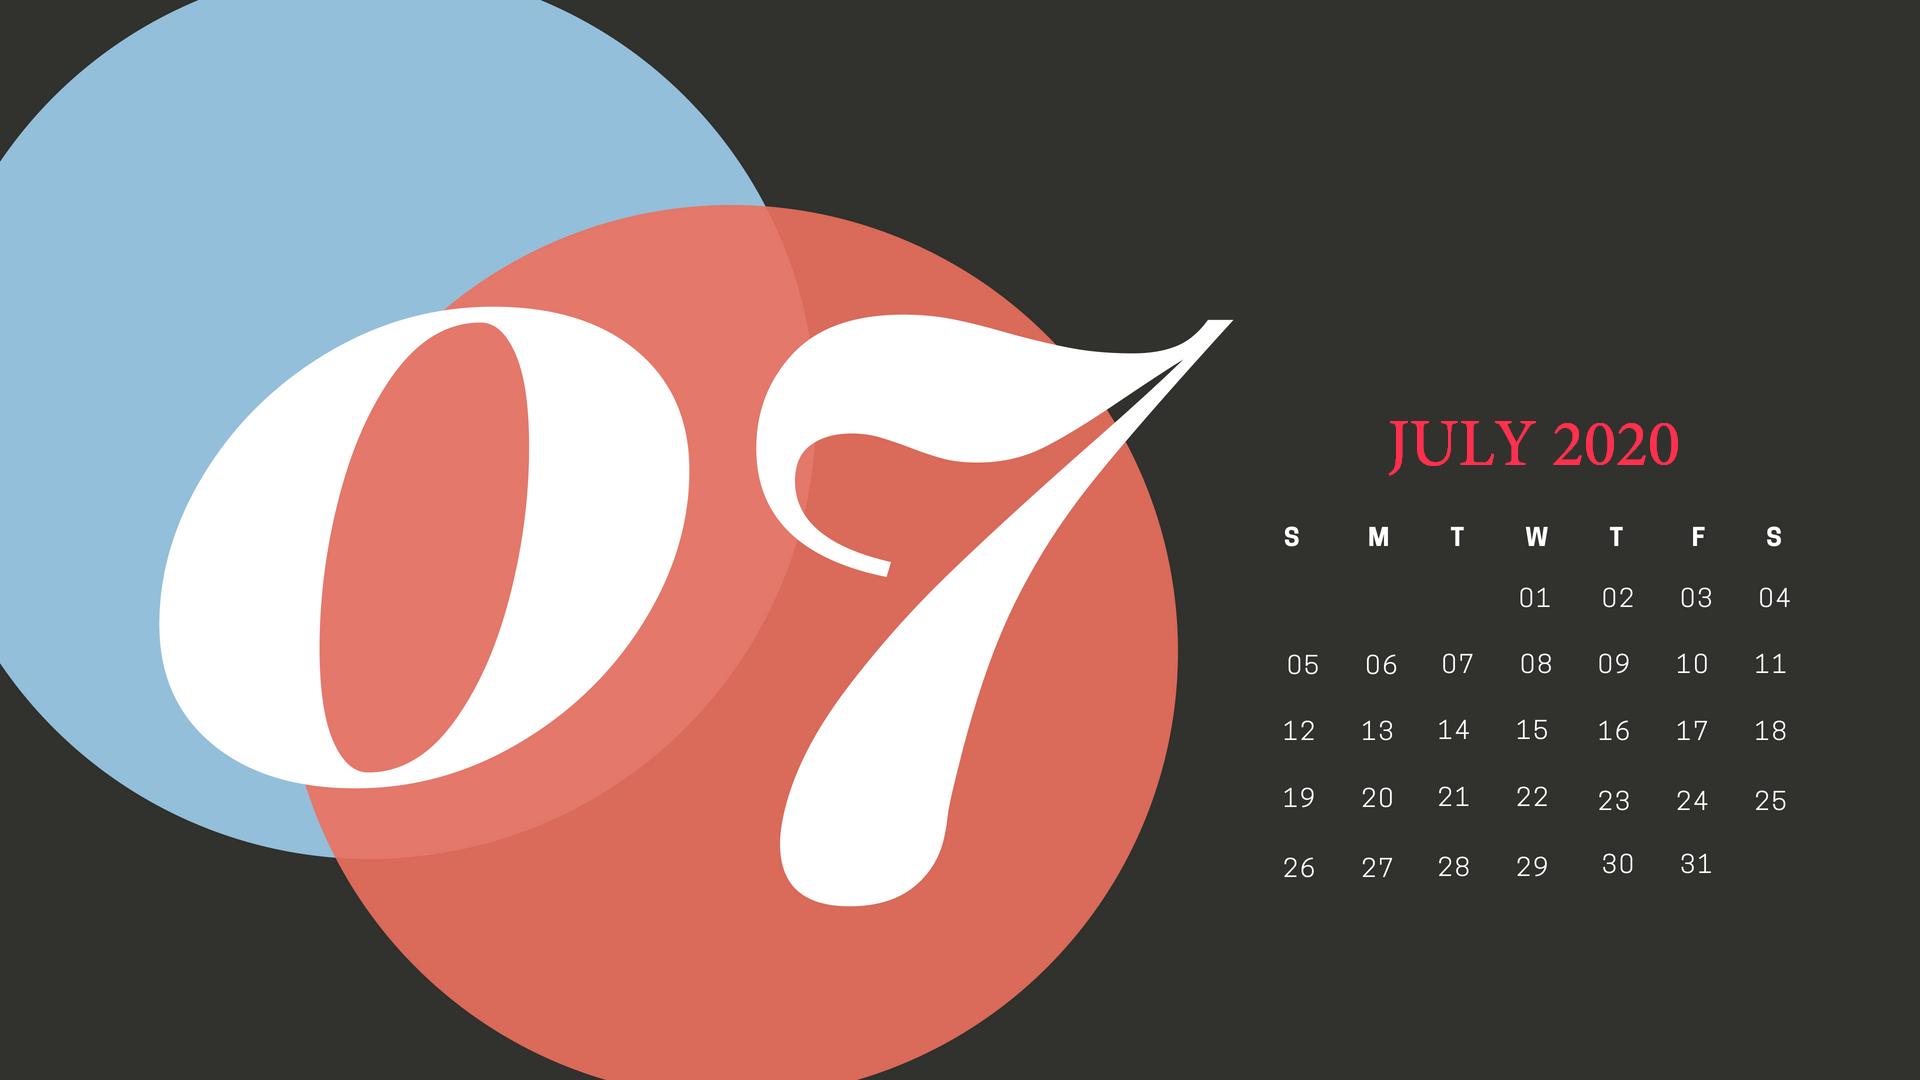 Cute July 2020 Desktop Calendar Wallpaper